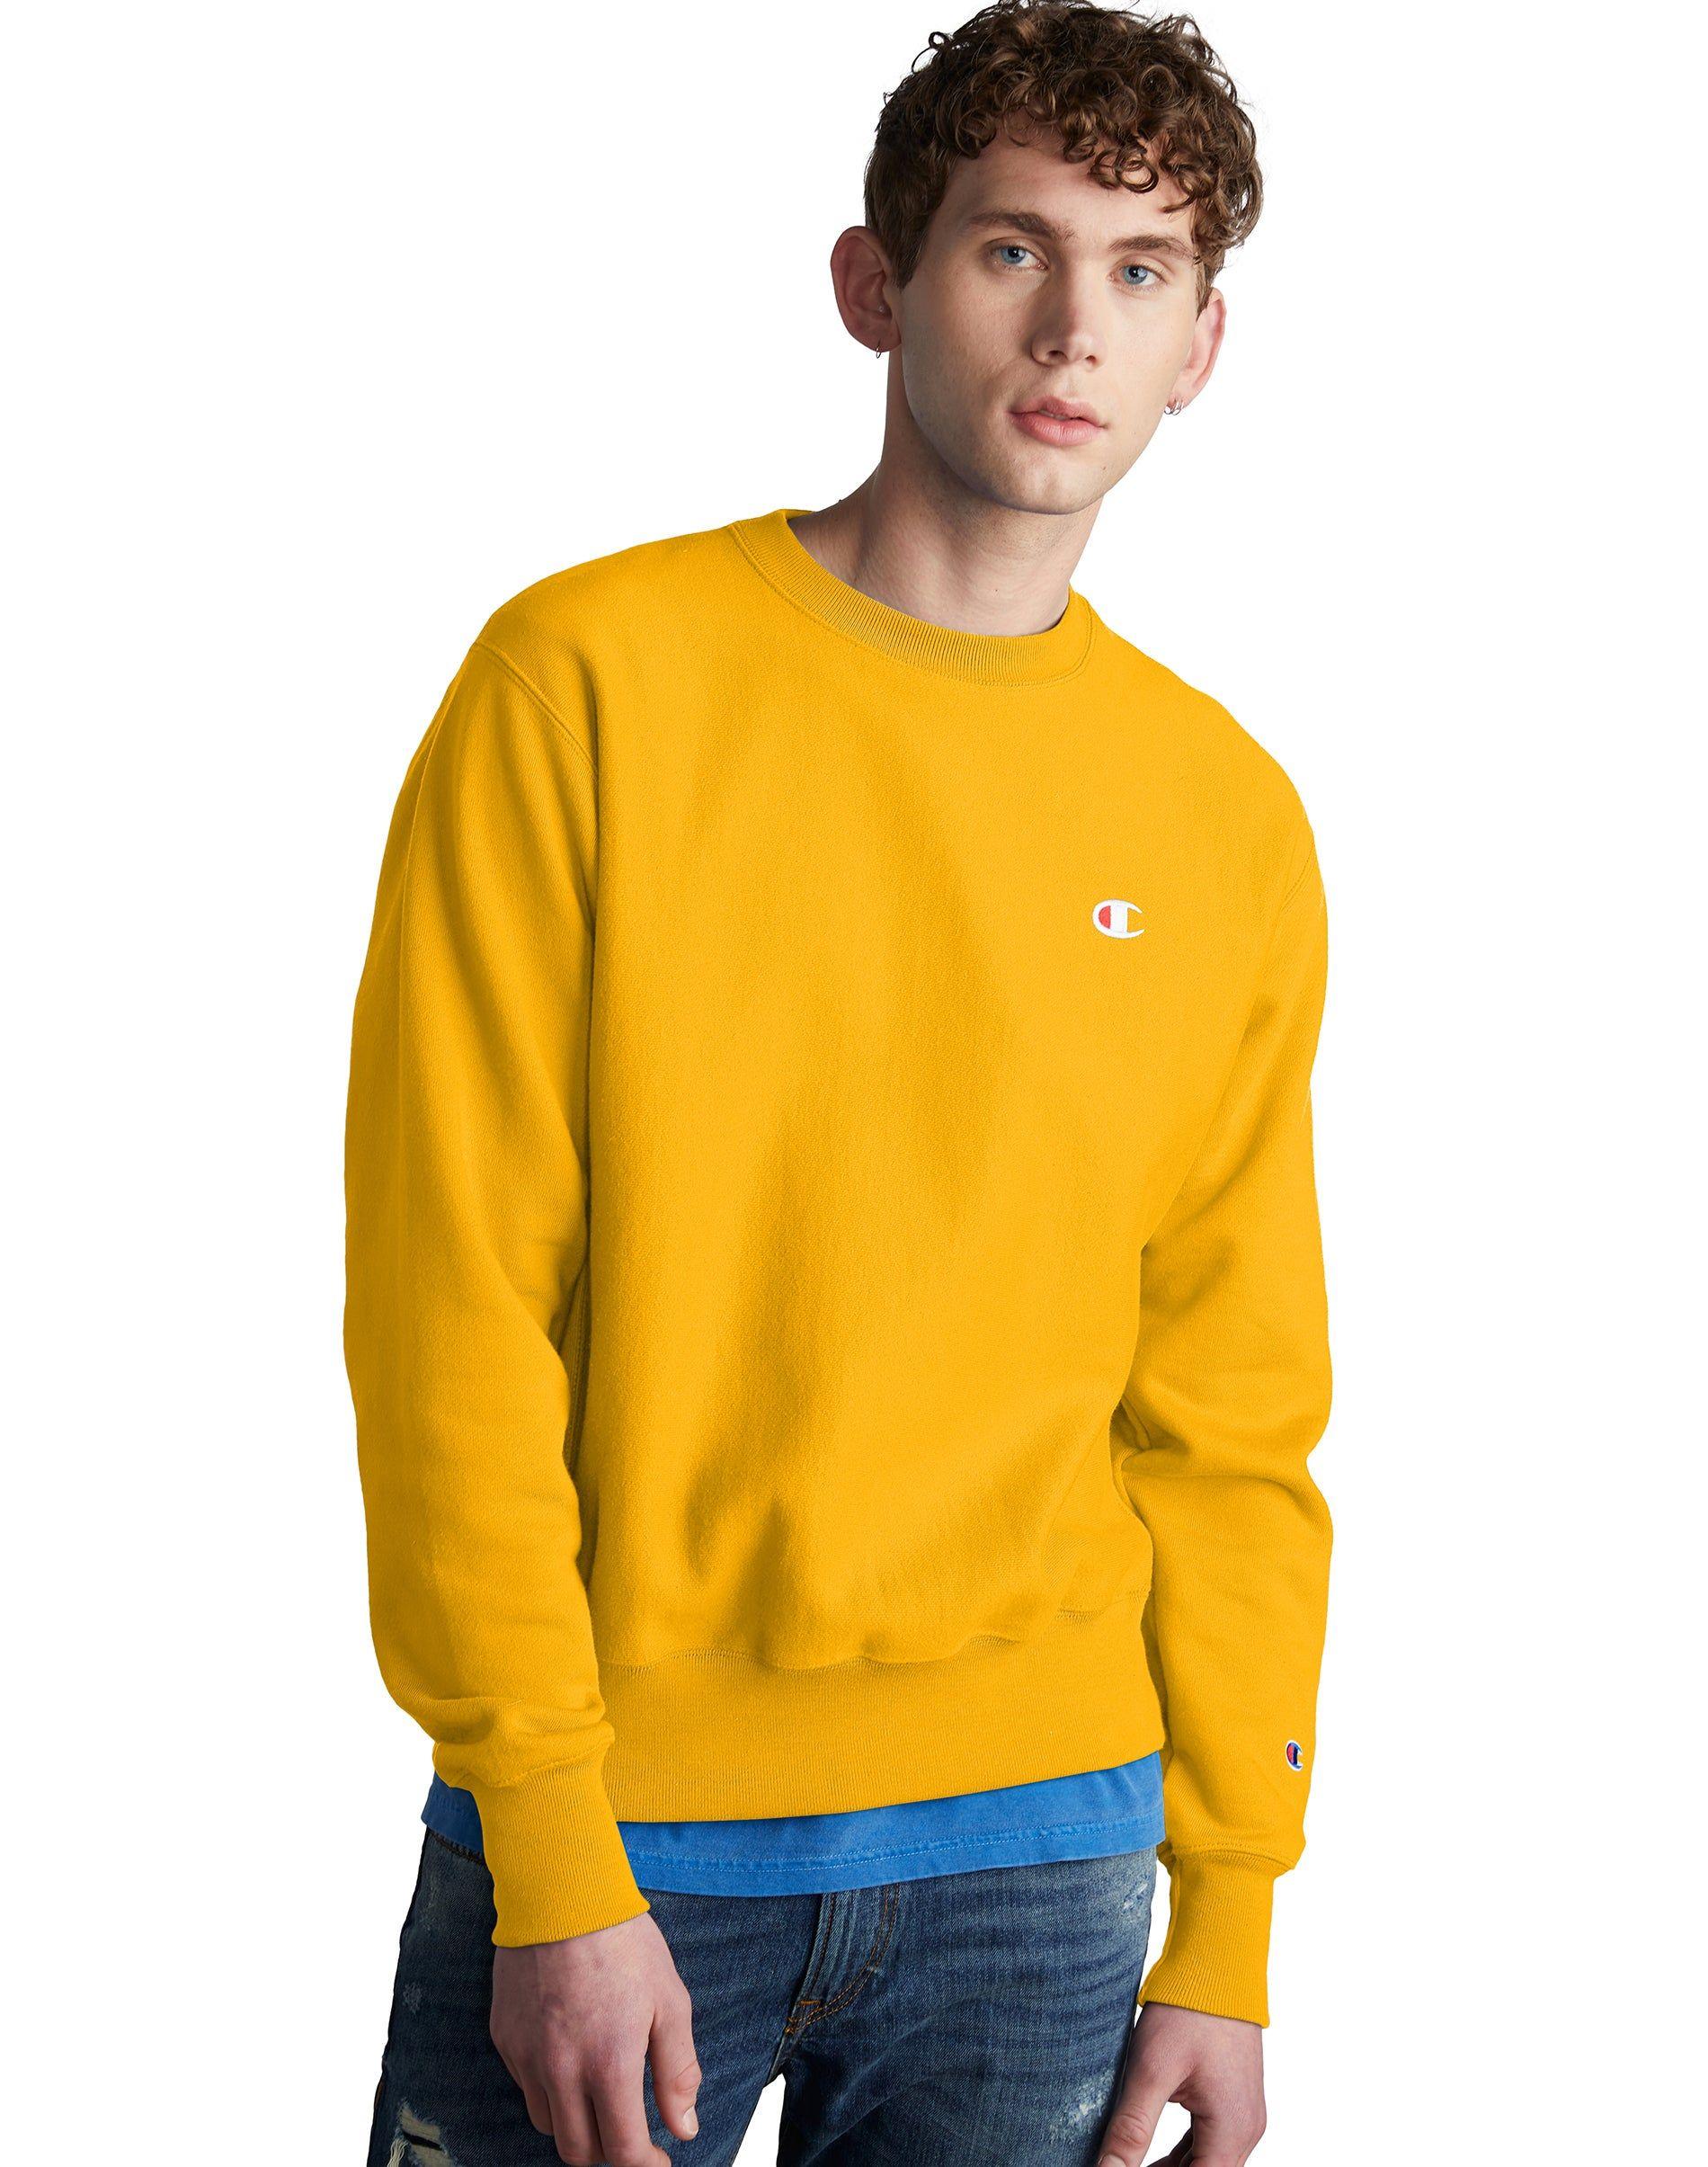 Champion Life Men S Reverse Weave Sweatshirt Champion Com Sweatshirts Mens Sweatshirts Hoodie Sweatshirts Hoodie [ 2410 x 1900 Pixel ]